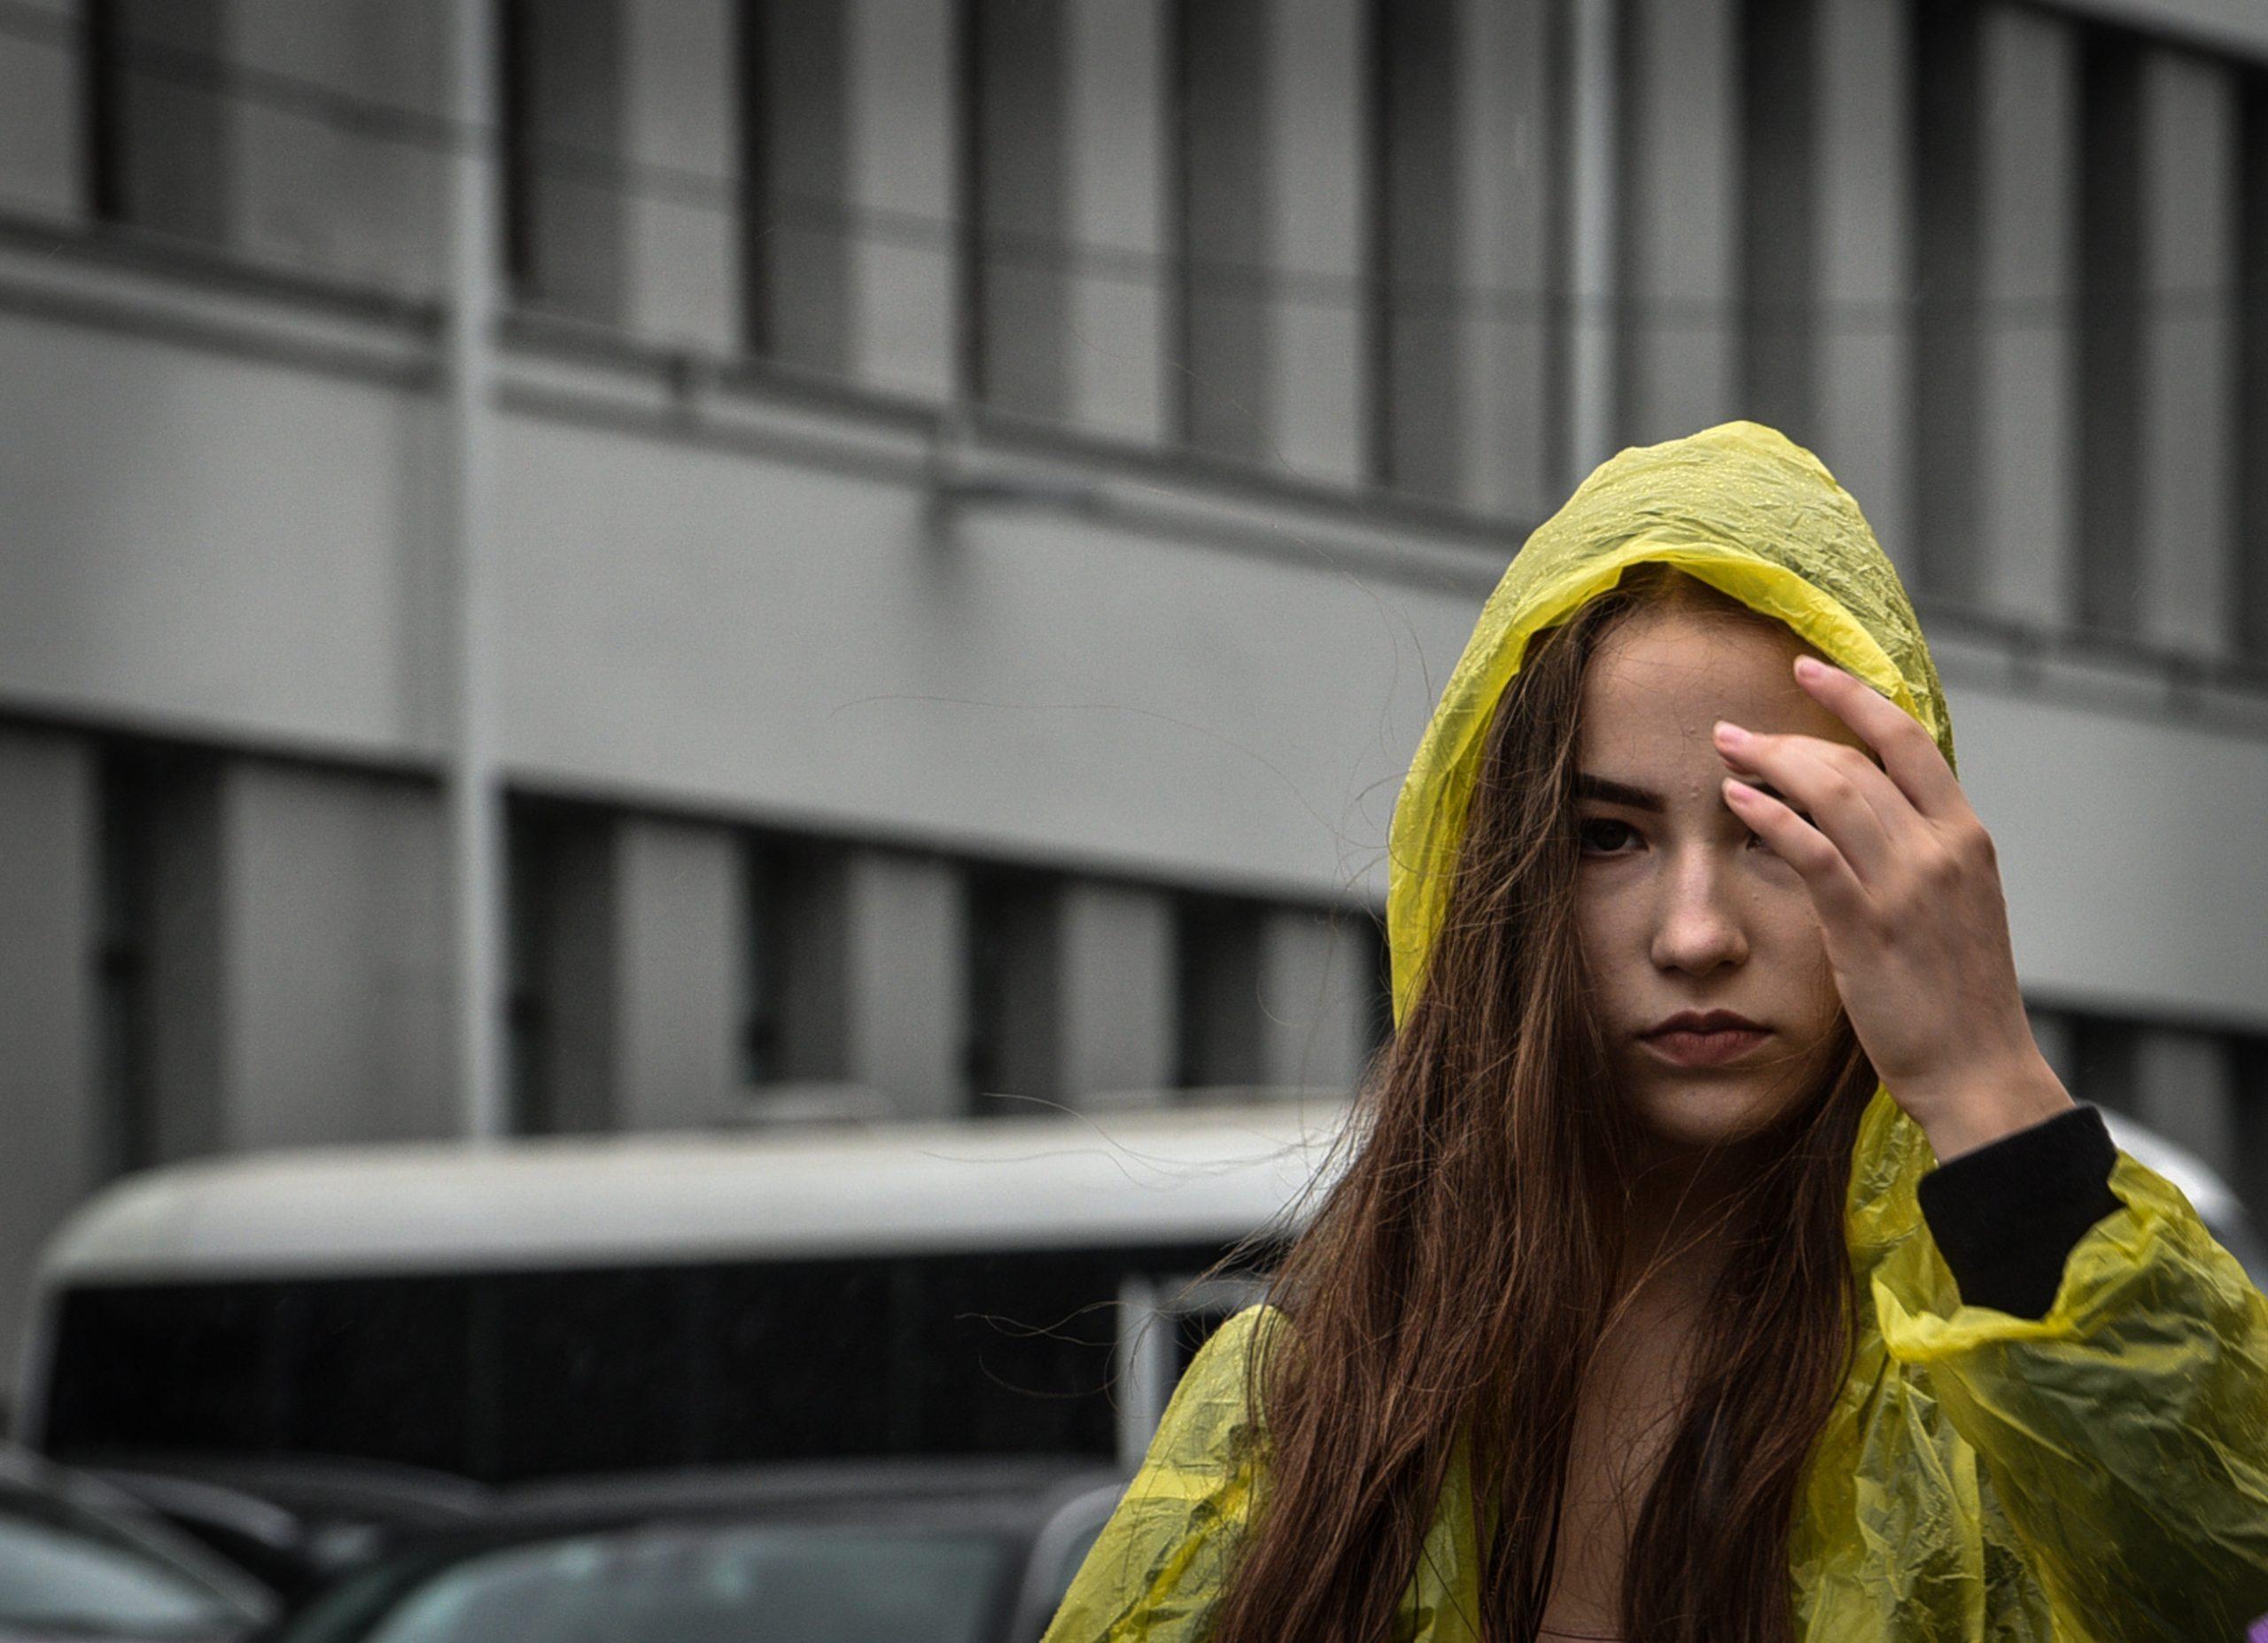 Понадобится зонт или дождевик. Фото: Пелагия Замятина